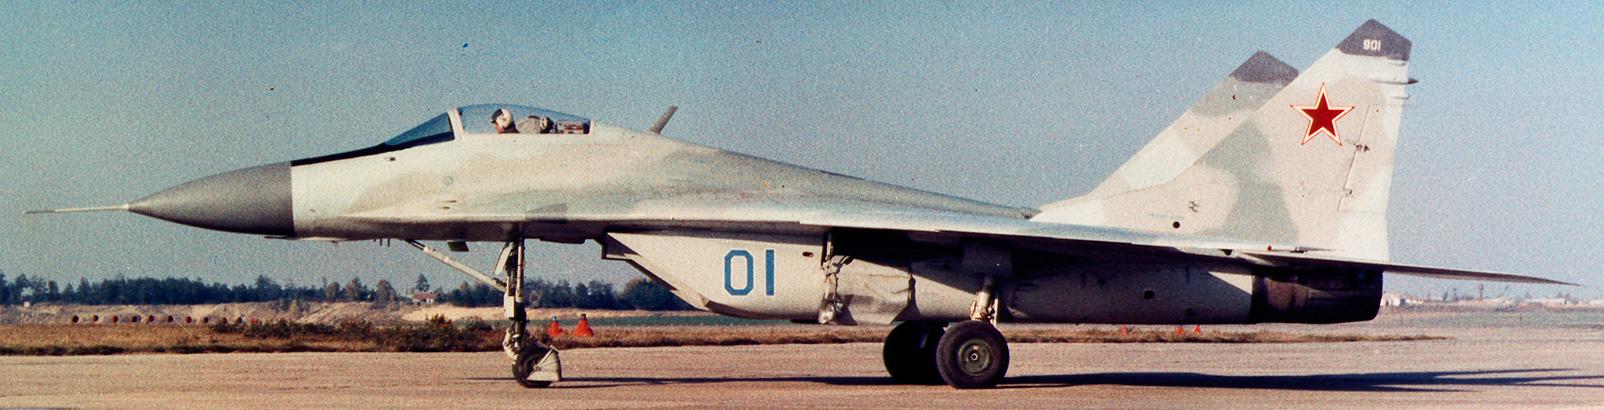 Первый полет прототипа МиГ-29 («9-12»).